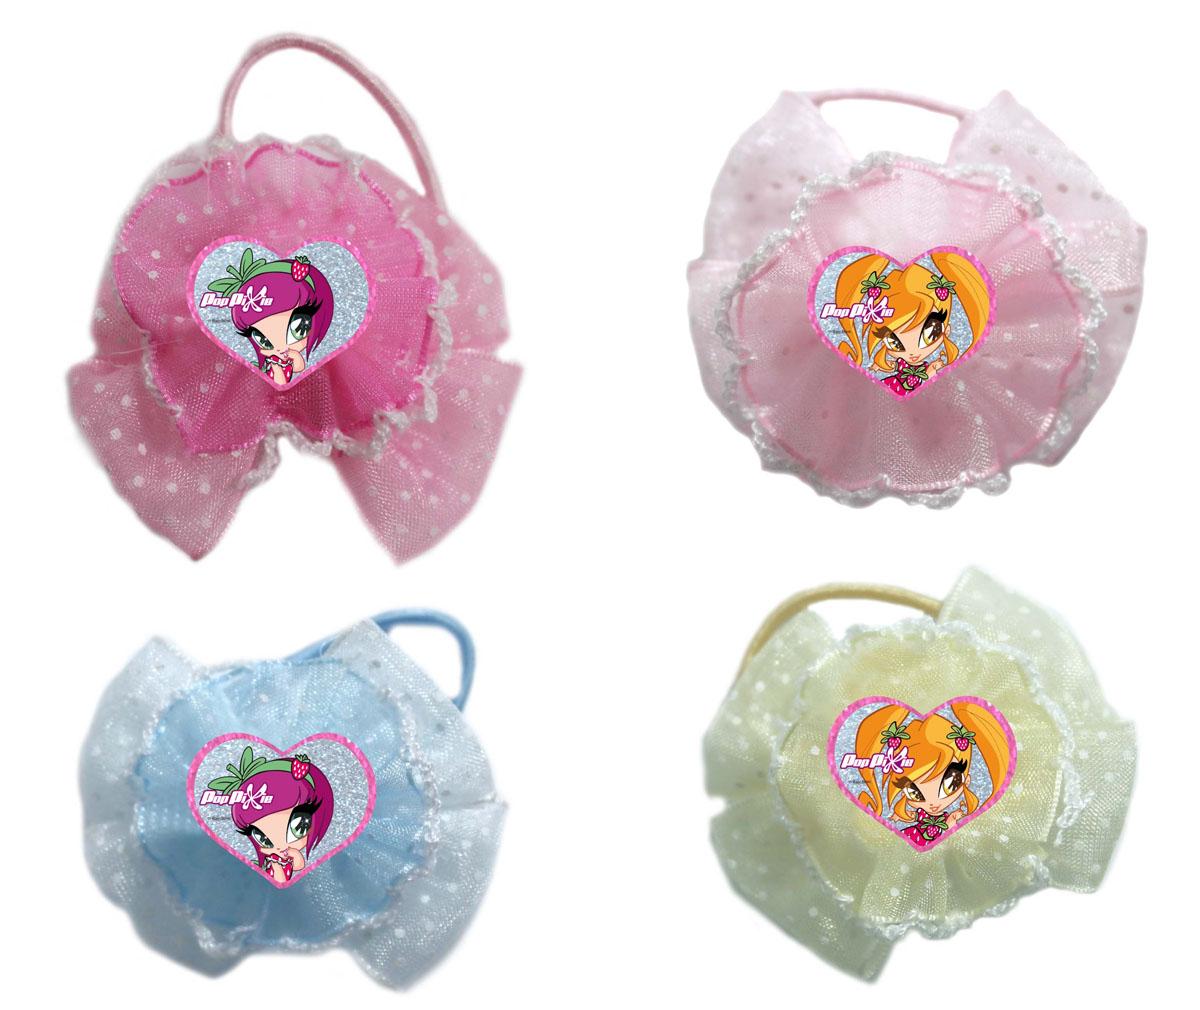 Резинка для волос для девочек PopPixie, цвет: розовый, голубой, 4 шт. 41309